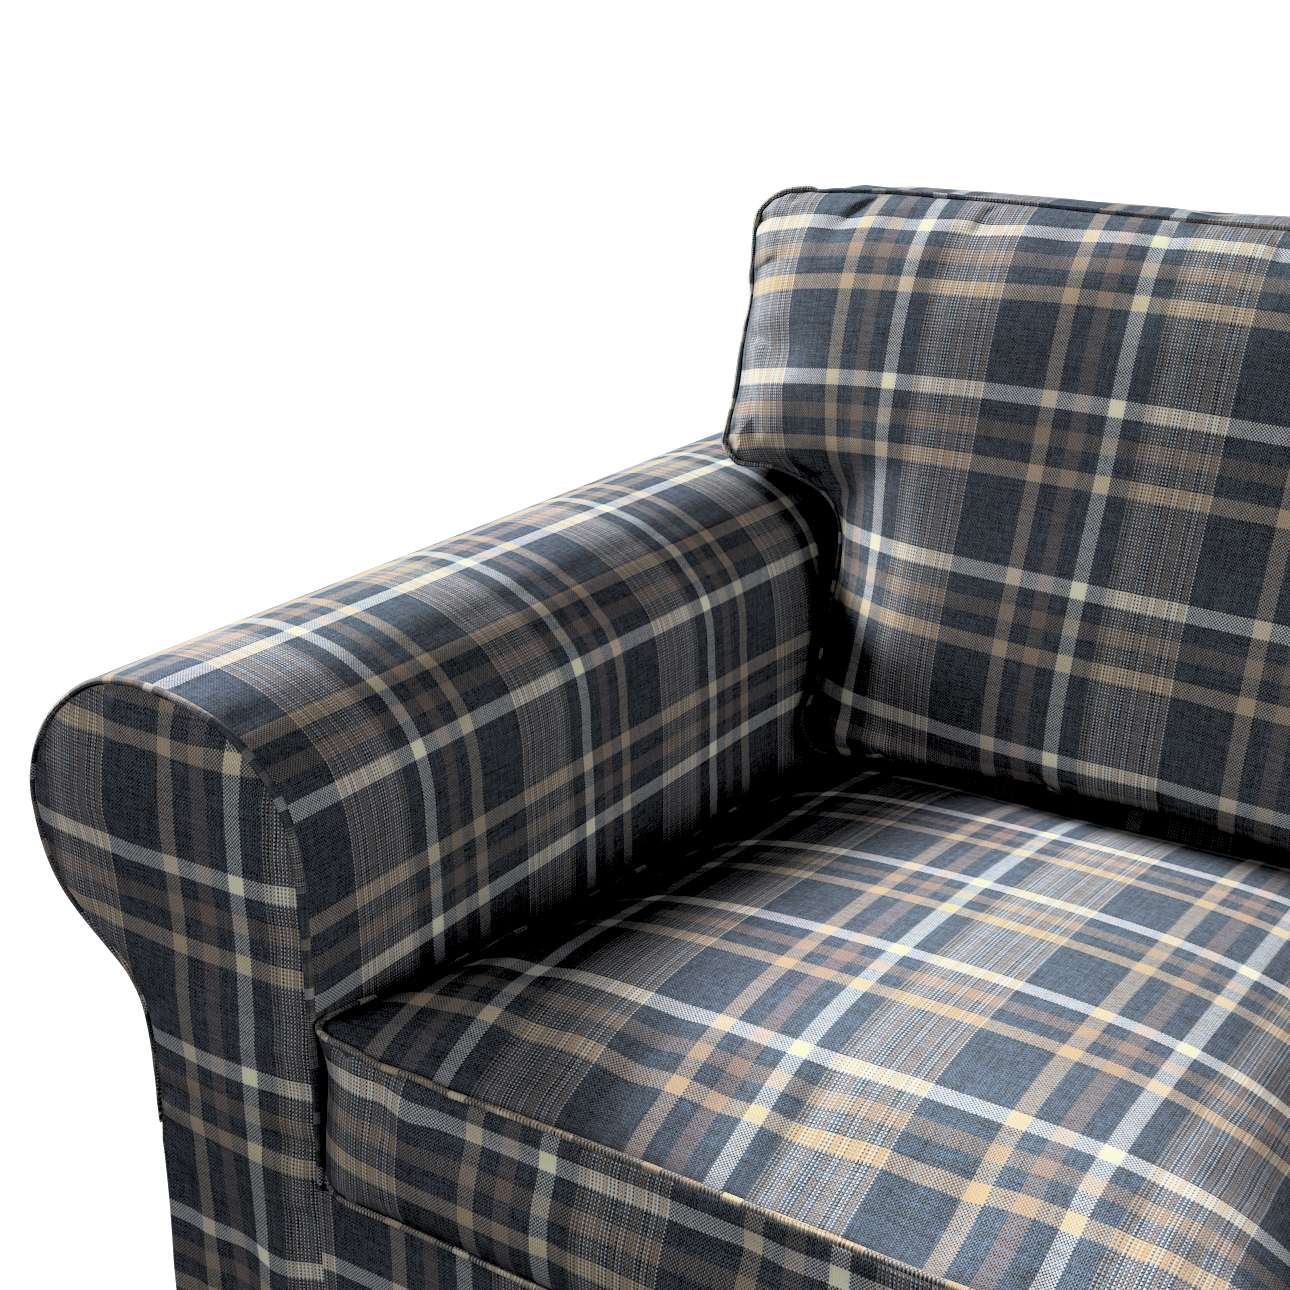 Pokrowiec na sofę Ektorp 2-osobową rozkładaną, model po 2012 w kolekcji Edinburgh, tkanina: 703-16